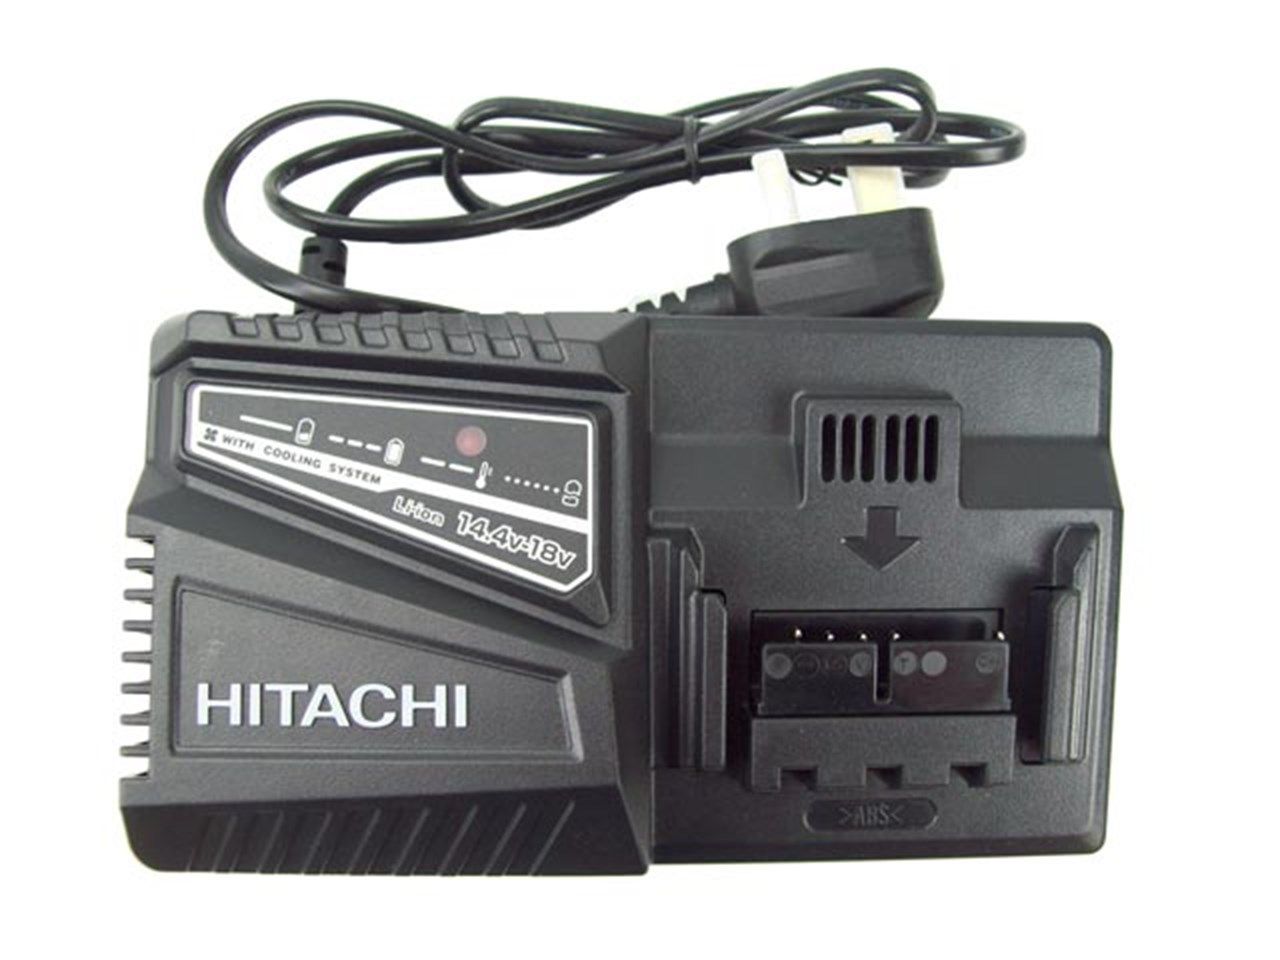 hitachi uc18yfsl 14 4 18v li ion battery charger. Black Bedroom Furniture Sets. Home Design Ideas